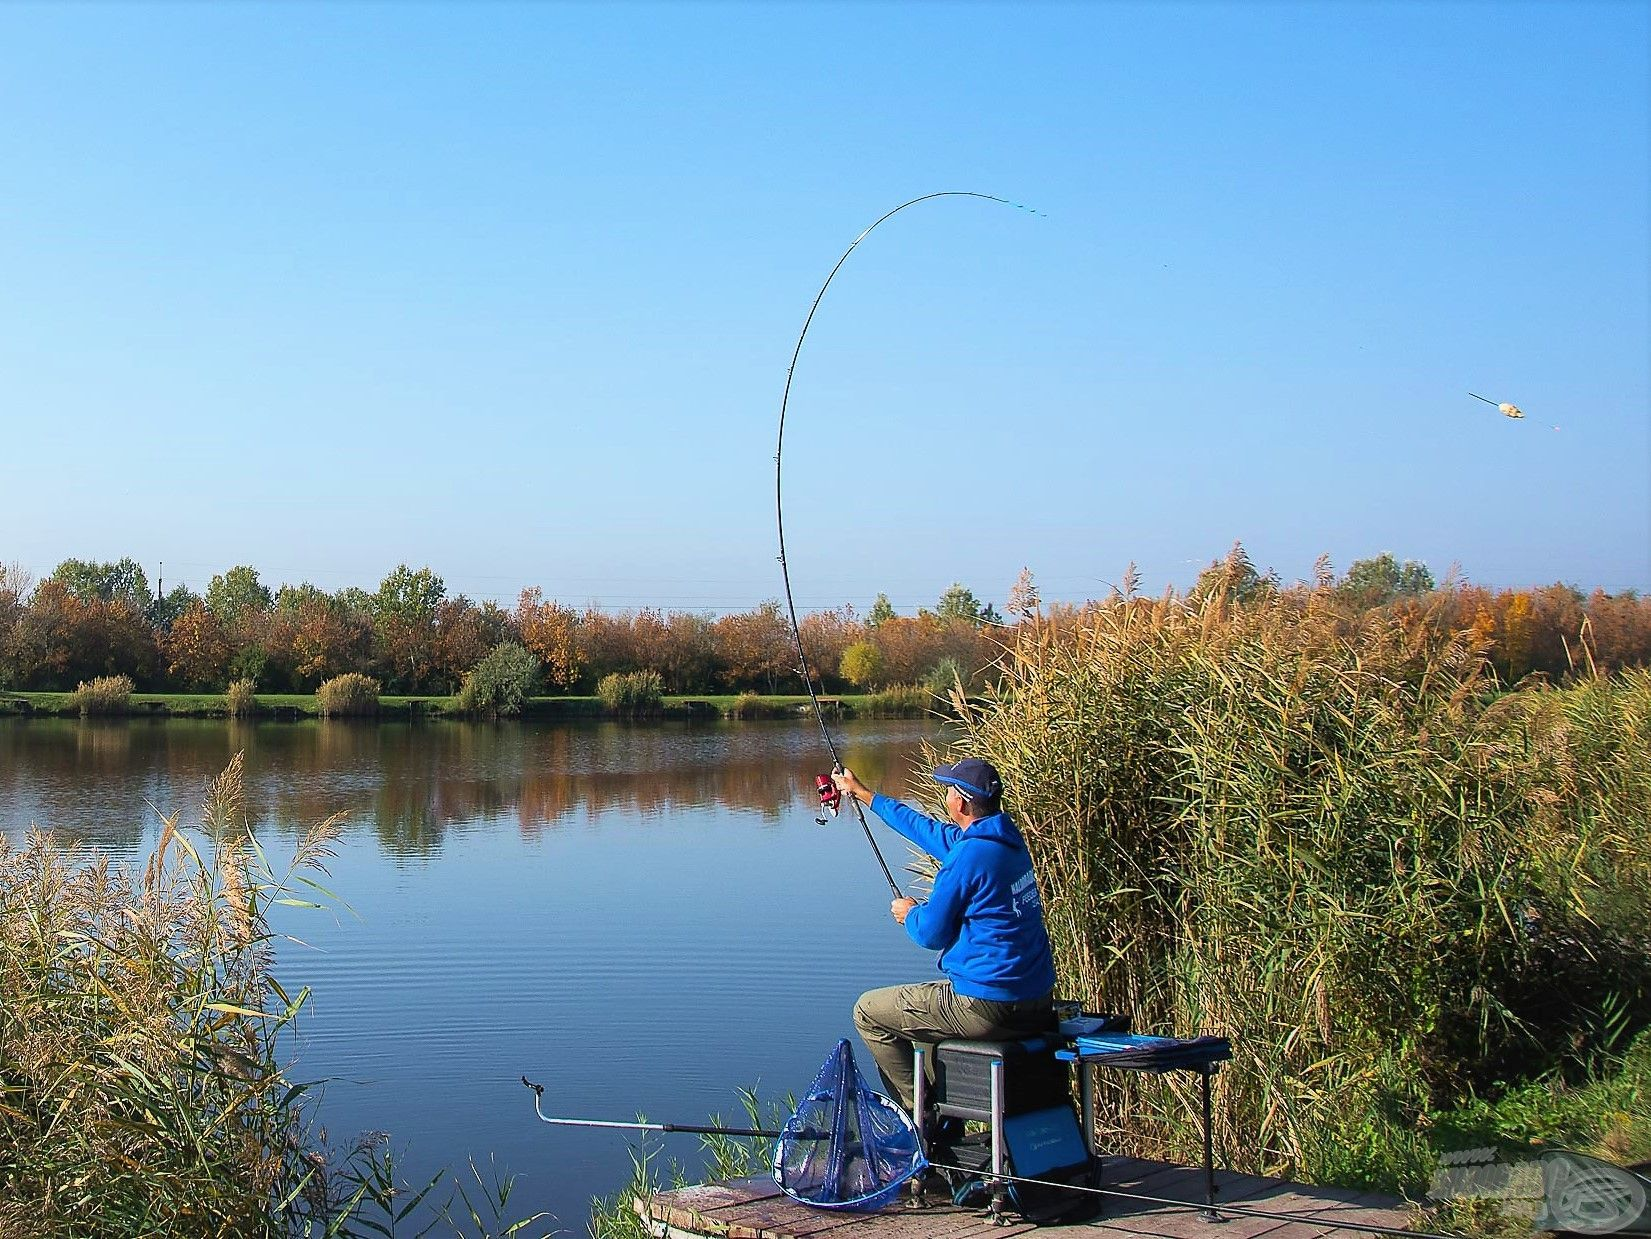 A horgászatot minden esetben Pellet Feeder kosárral kezdtük annak érdekében, hogy bőven kerüljön be etetőanyag és mag a horgászhelyre